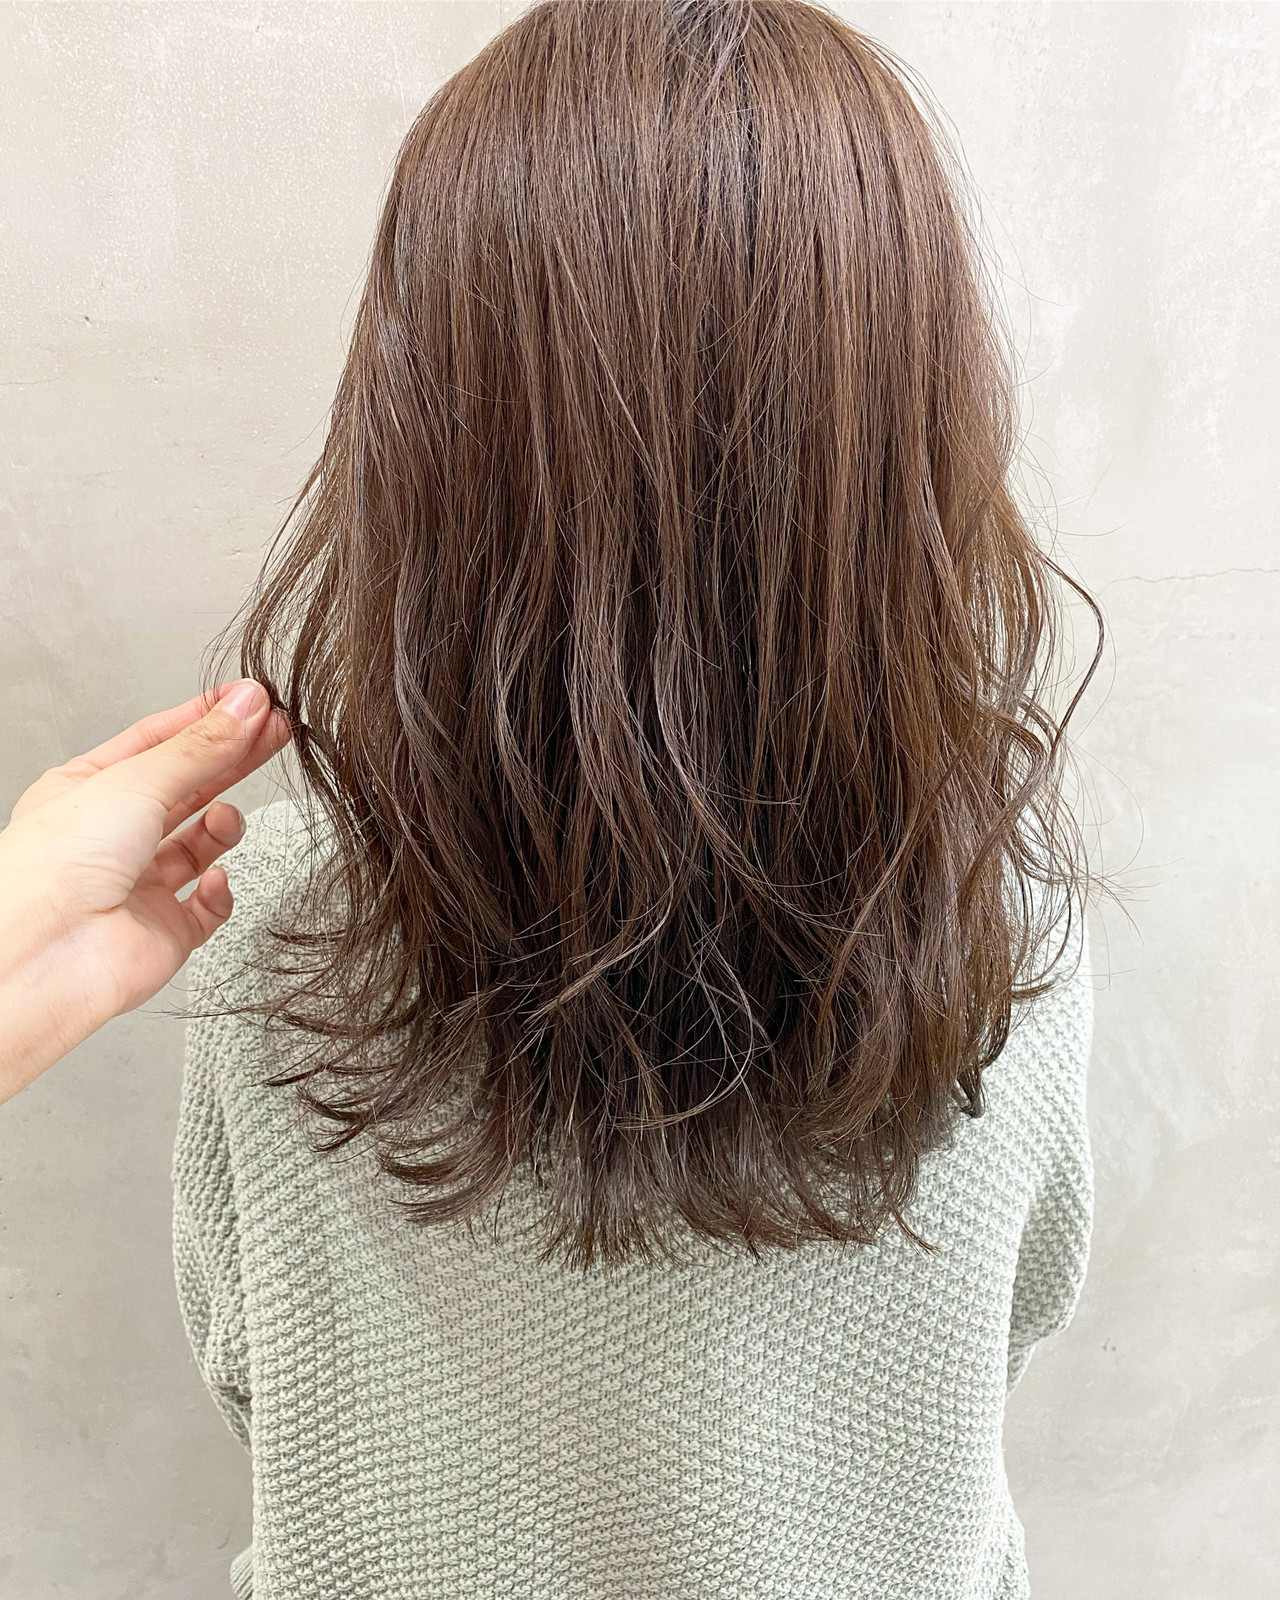 シアーベージュ ブリーチなし ナチュラル セミロング ヘアスタイルや髪型の写真・画像